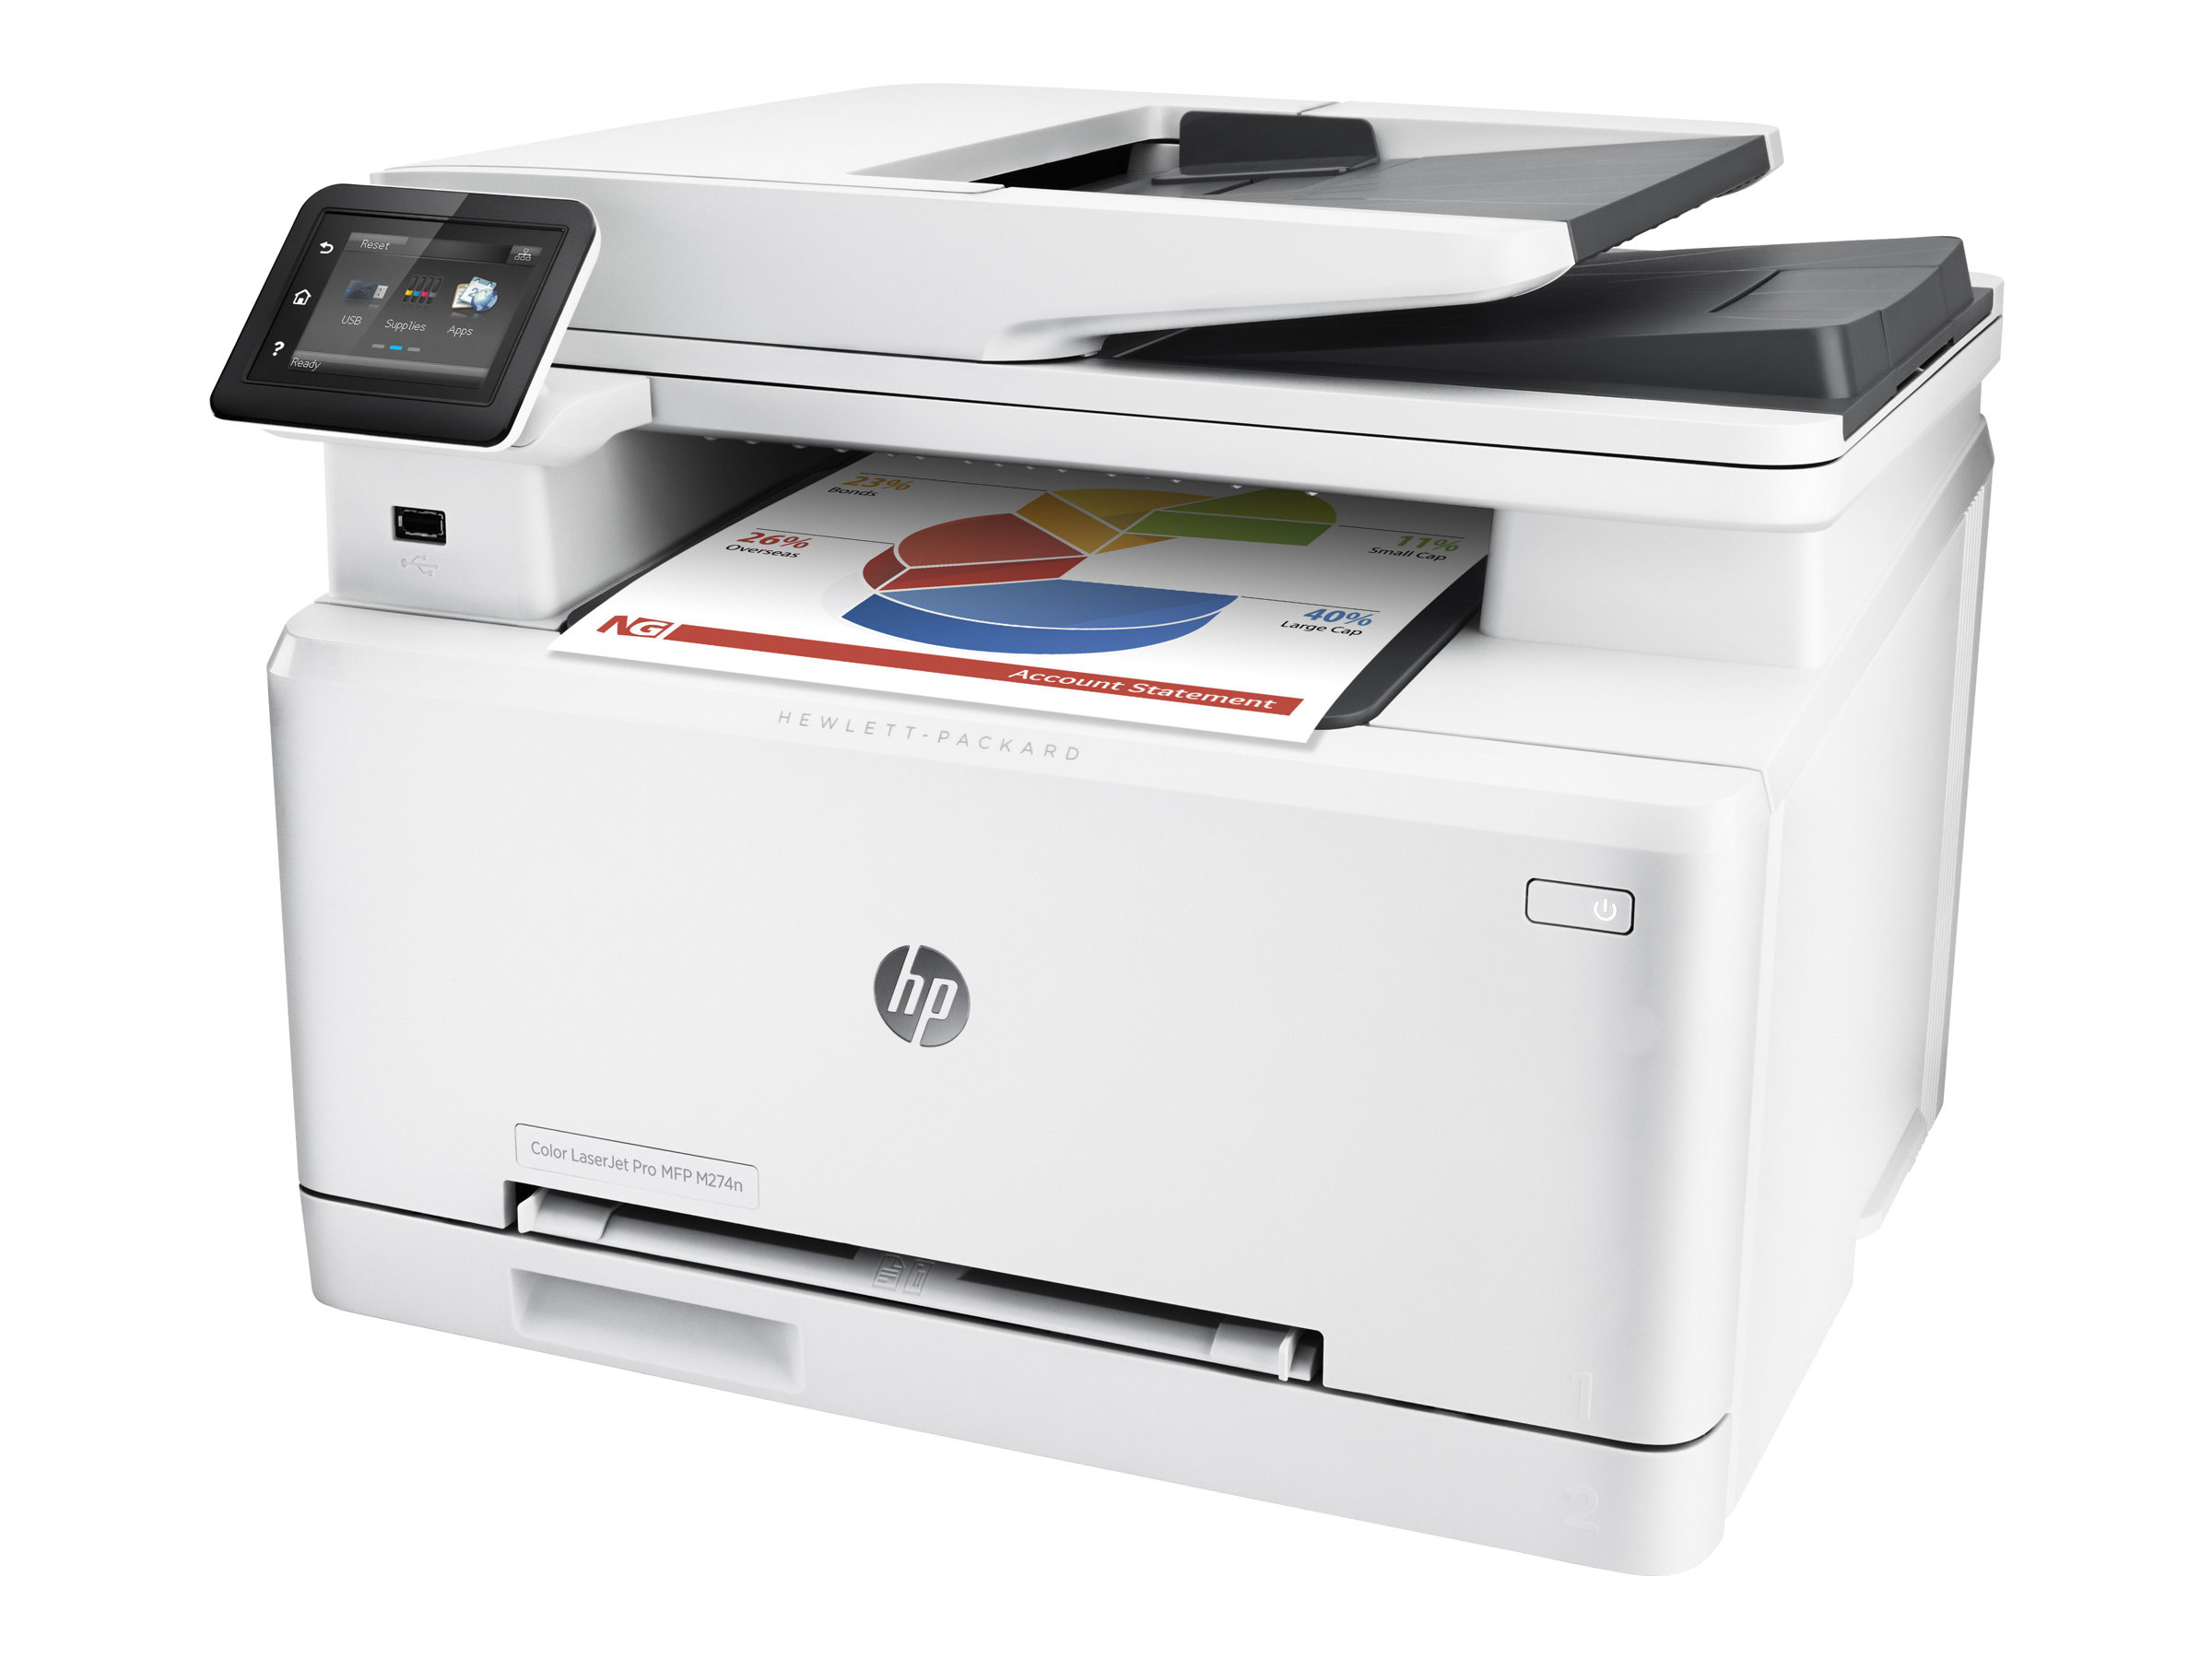 HP LaserJet Pro MFP M274n - imprimante multifonctions (couleur)